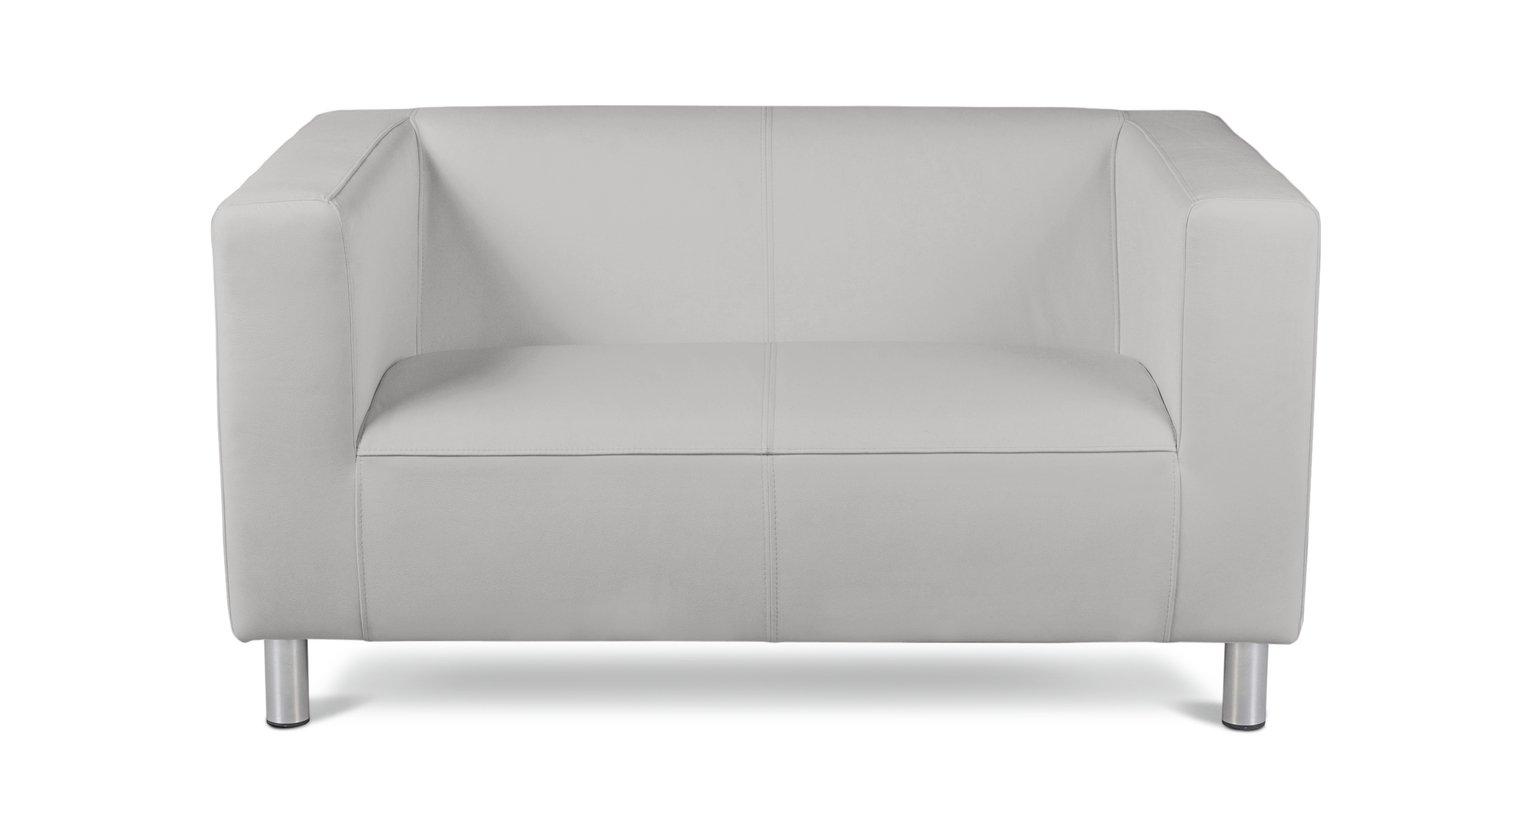 Buy Argos Home Moda Compact 2 Seater Faux Leather Sofa   White   Sofas    Argos